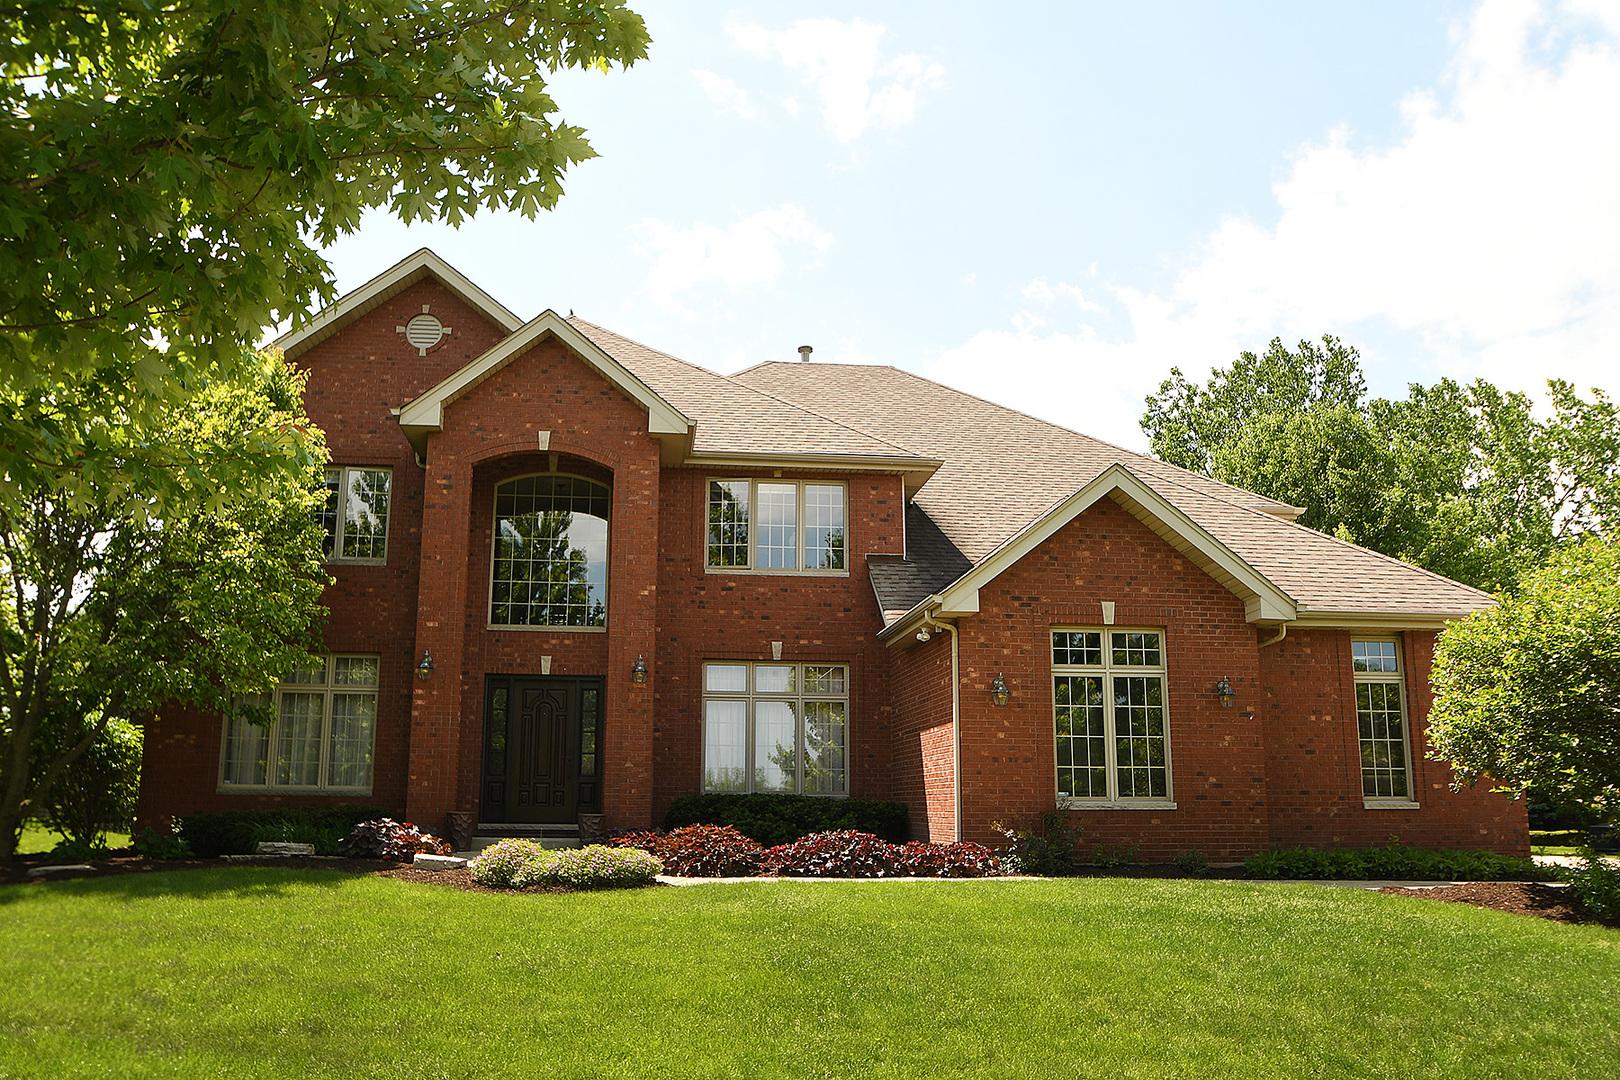 15316 Jillian Court, Orland Park, Illinois